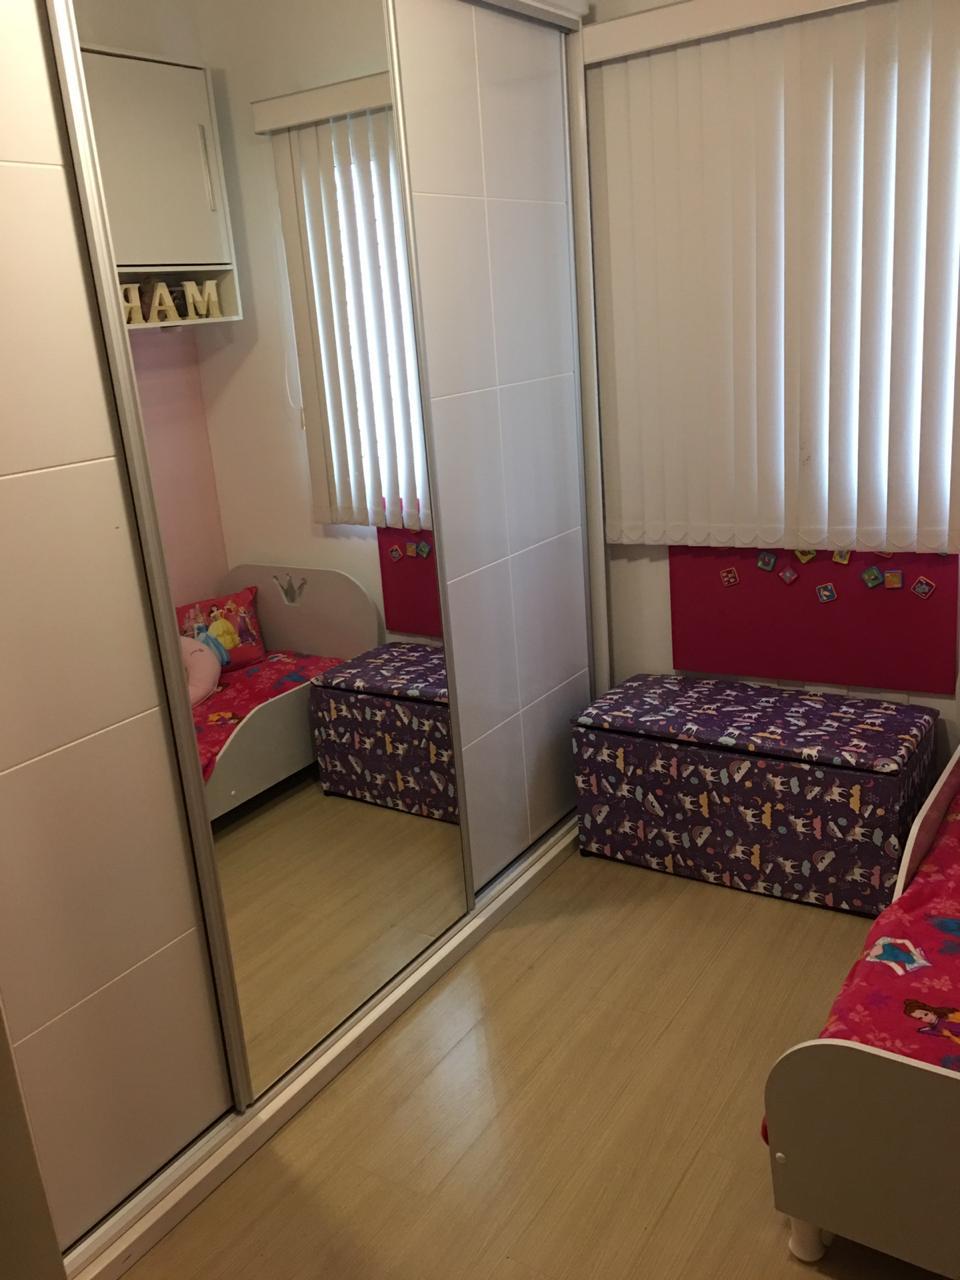 Apartamento no Gonzaga em prédio com área de lazer completa, salão de festas, piscina adulto. - foto 1